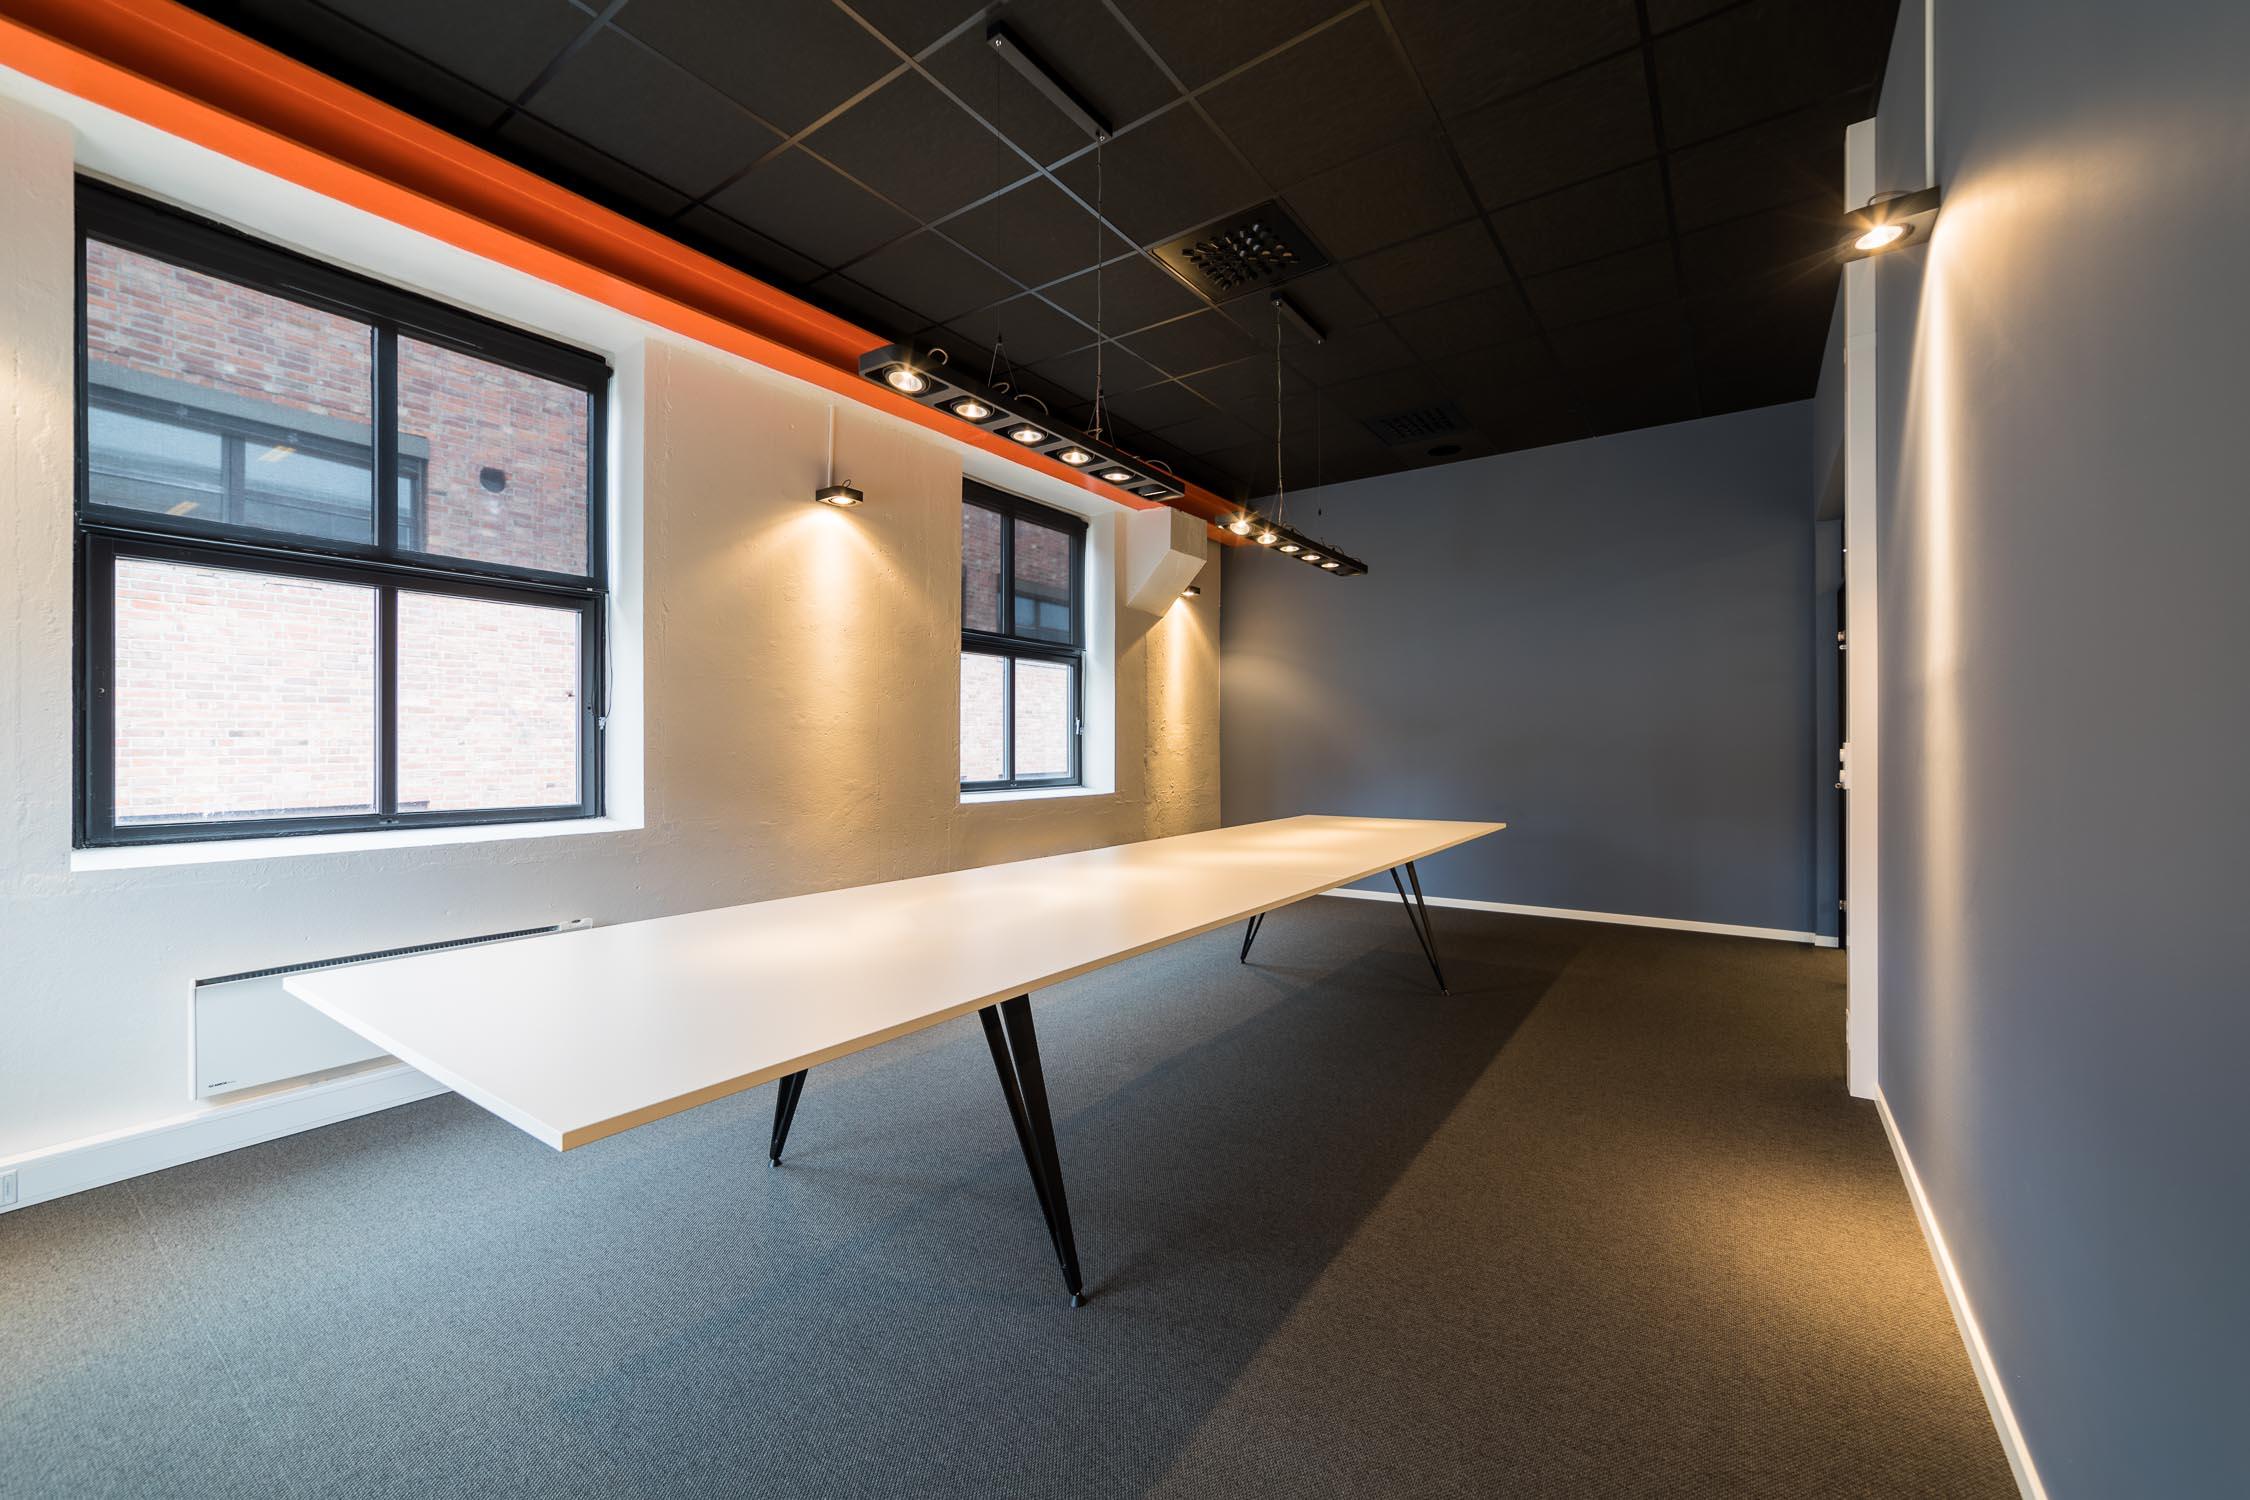 interior-interiorfoto-interiorfotografering-fotograf-sarpsborg-fredrikstad--2.jpg